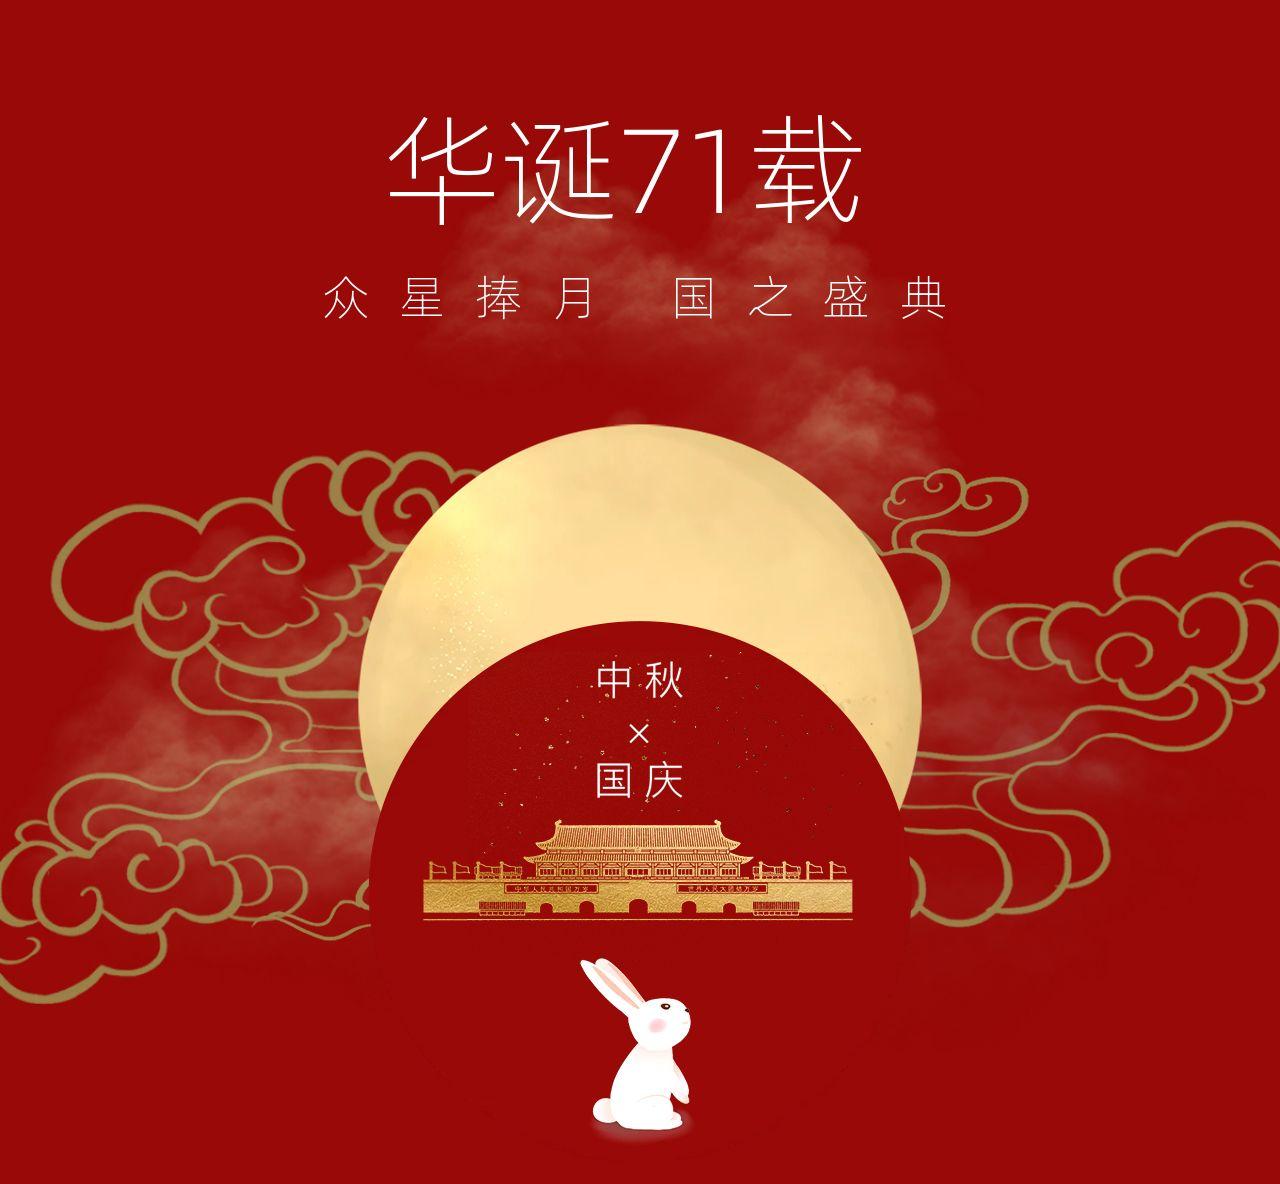 红色简约大气国庆节71周年华诞朋友圈封面